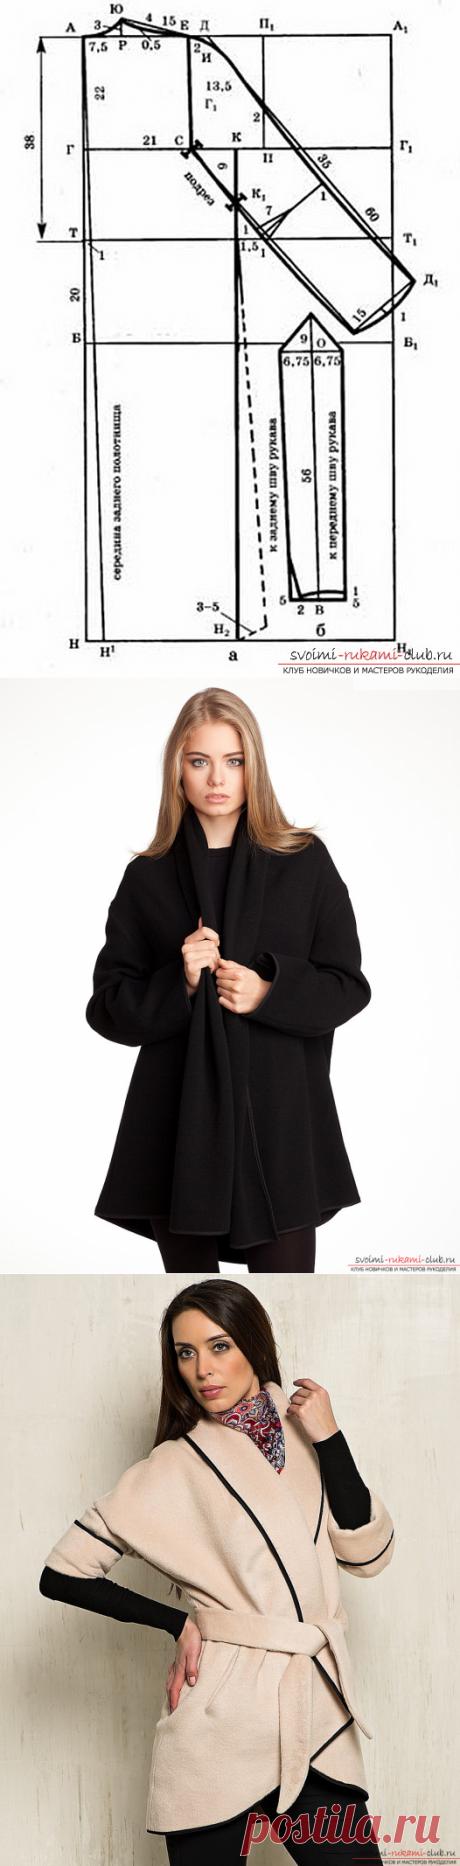 Как сшить модное пальто с цельнокроеными рукавами своими руками. Выкройка пальто с инструкцией по пошиву